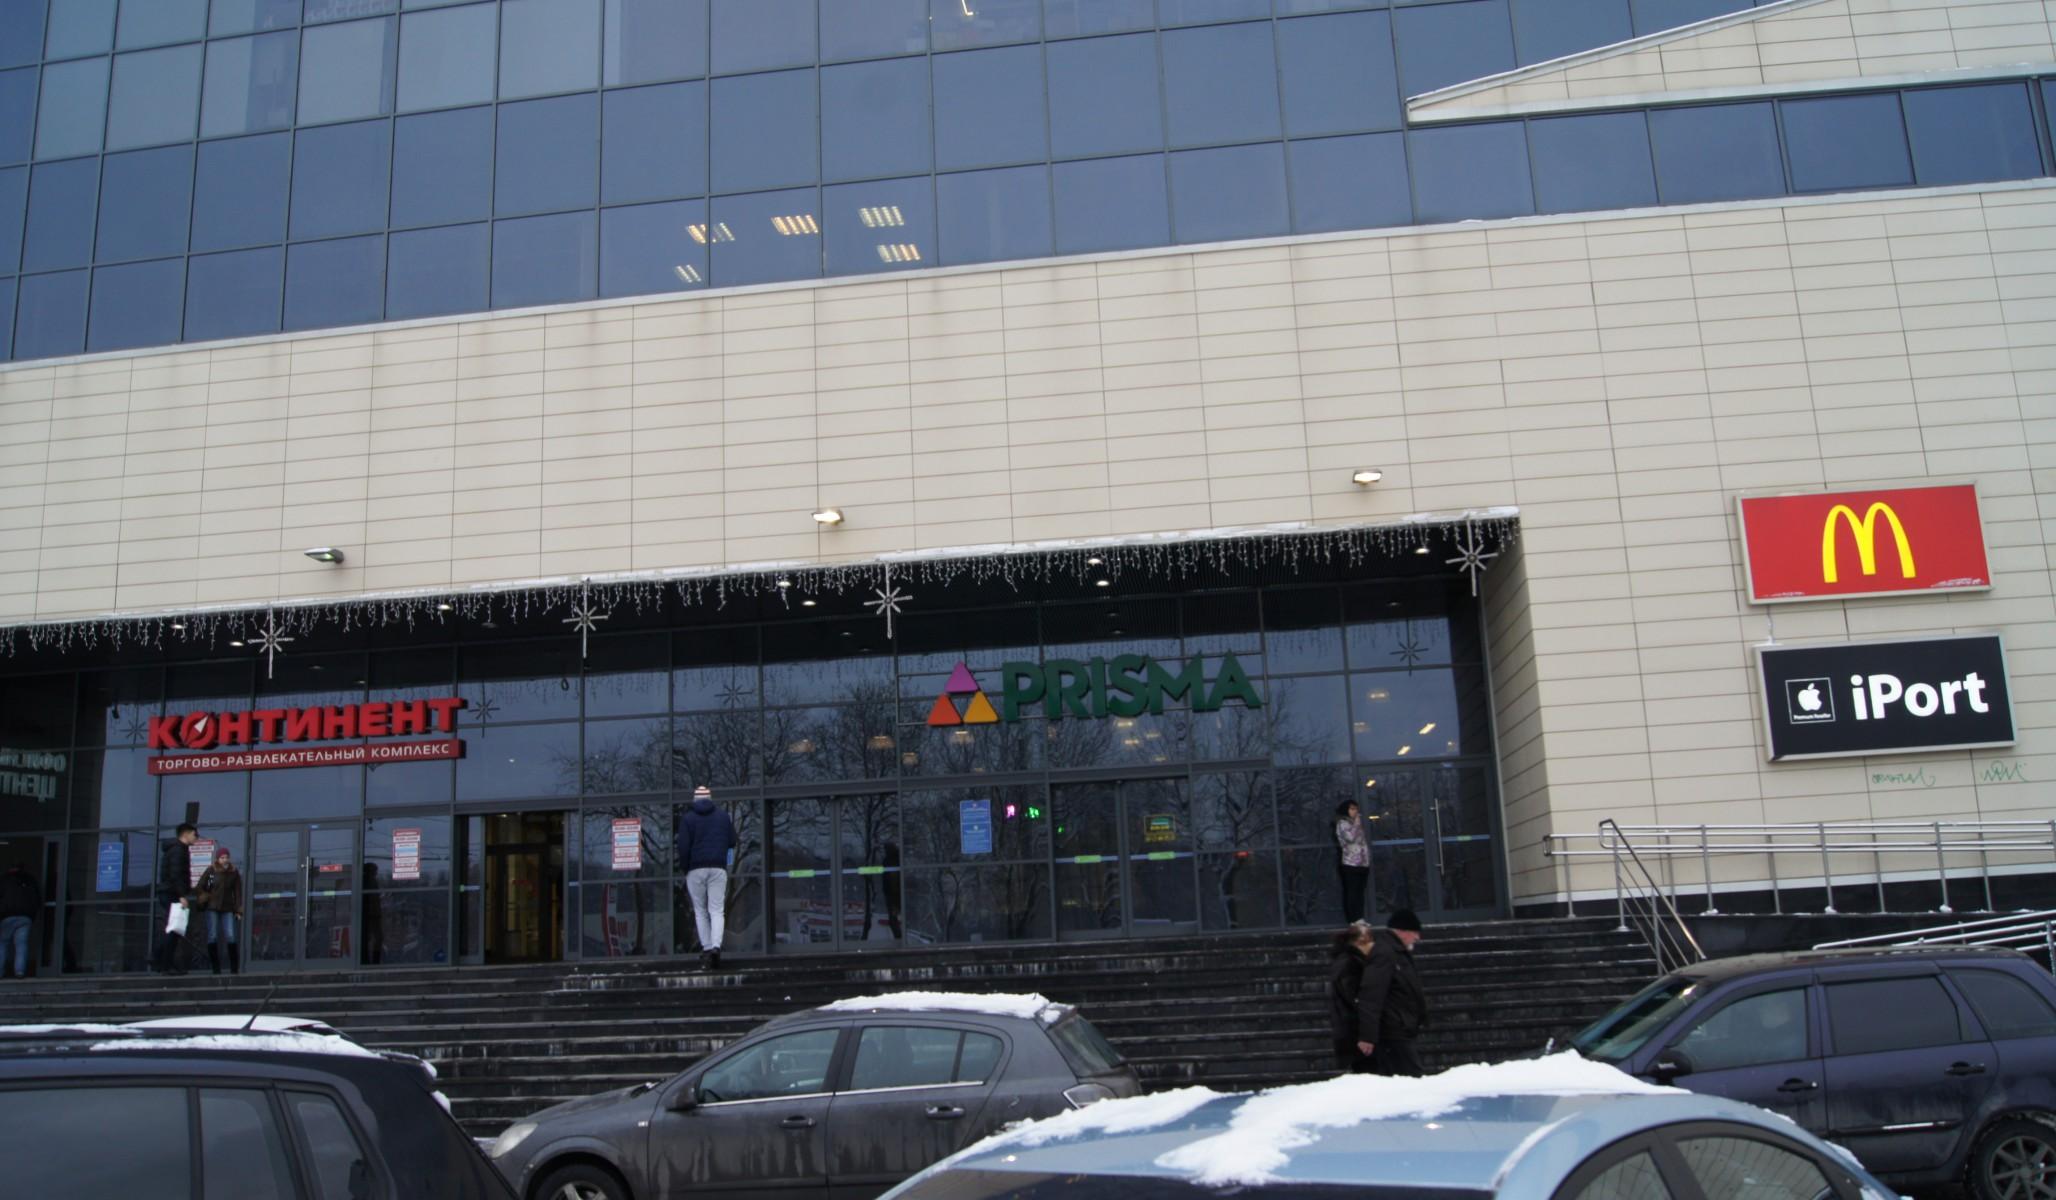 Адамант-строй, «Призма» в здании «Континент» на Байконурской, 1096